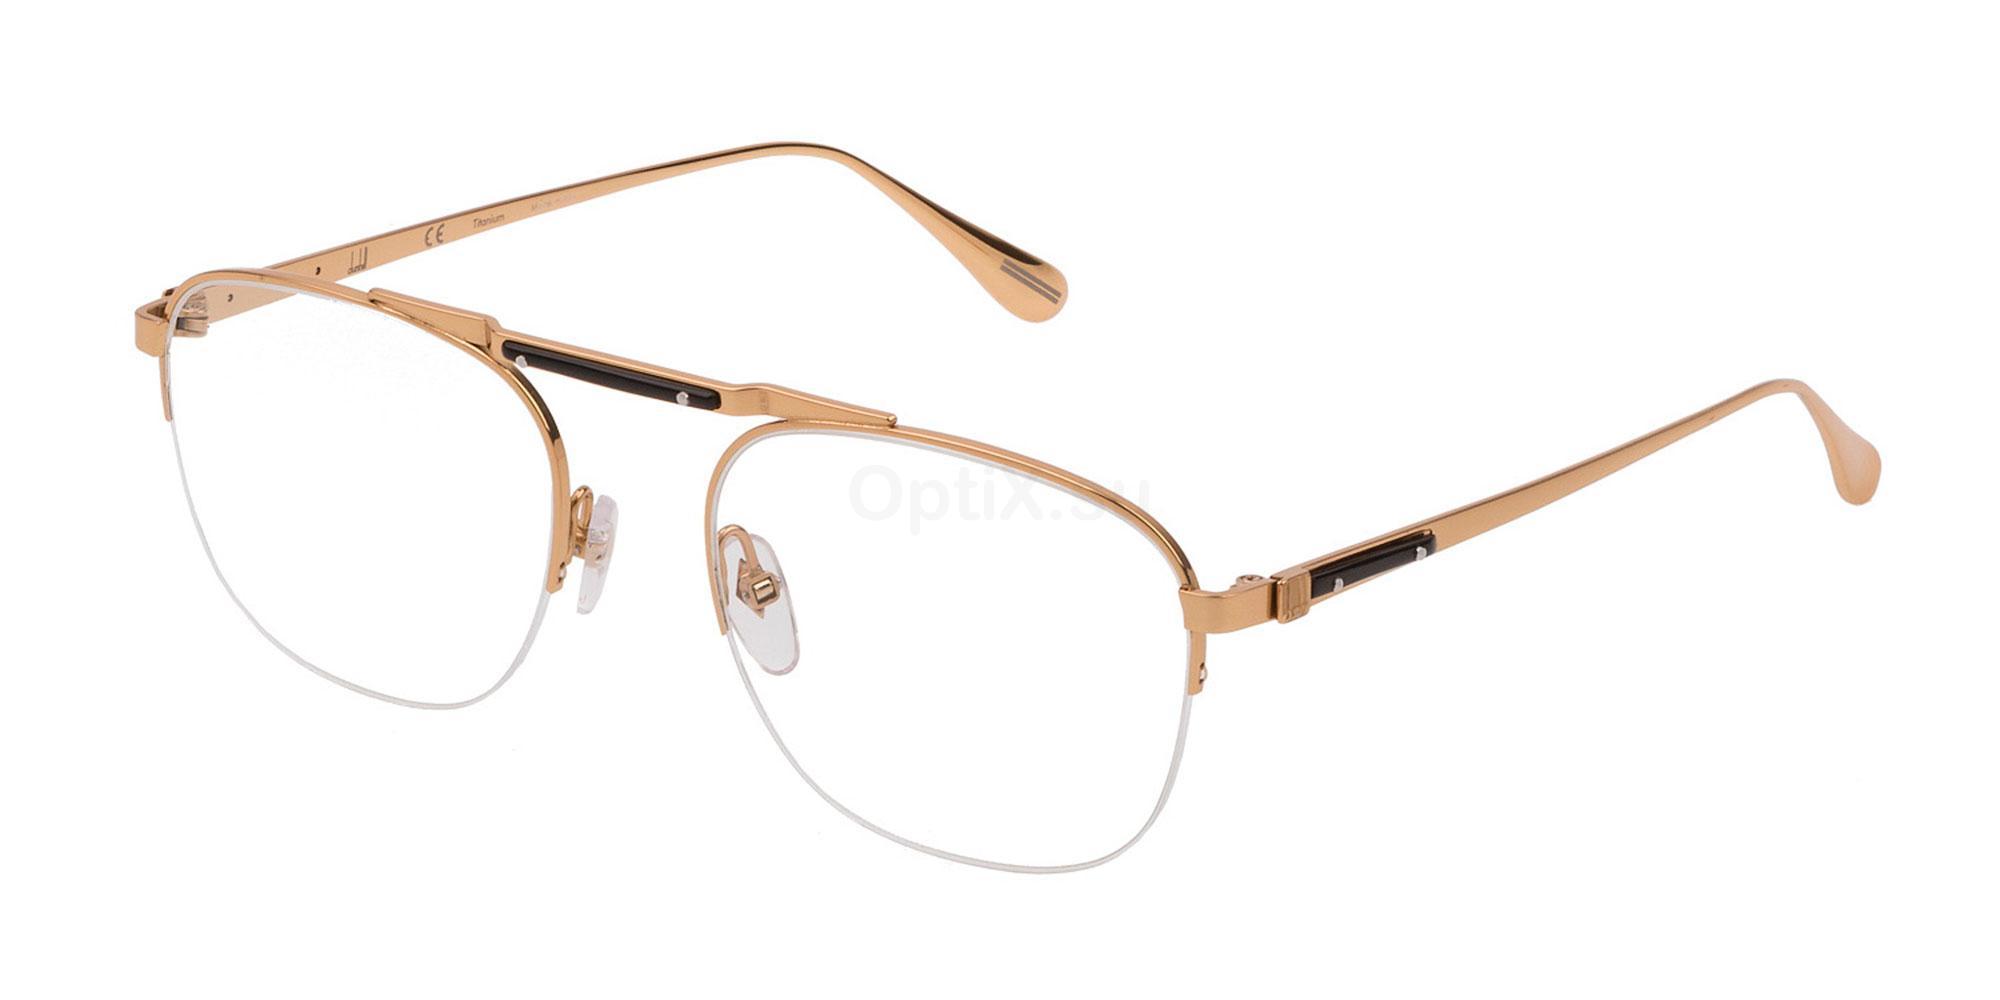 0300 VDH166M Glasses, Dunhill London